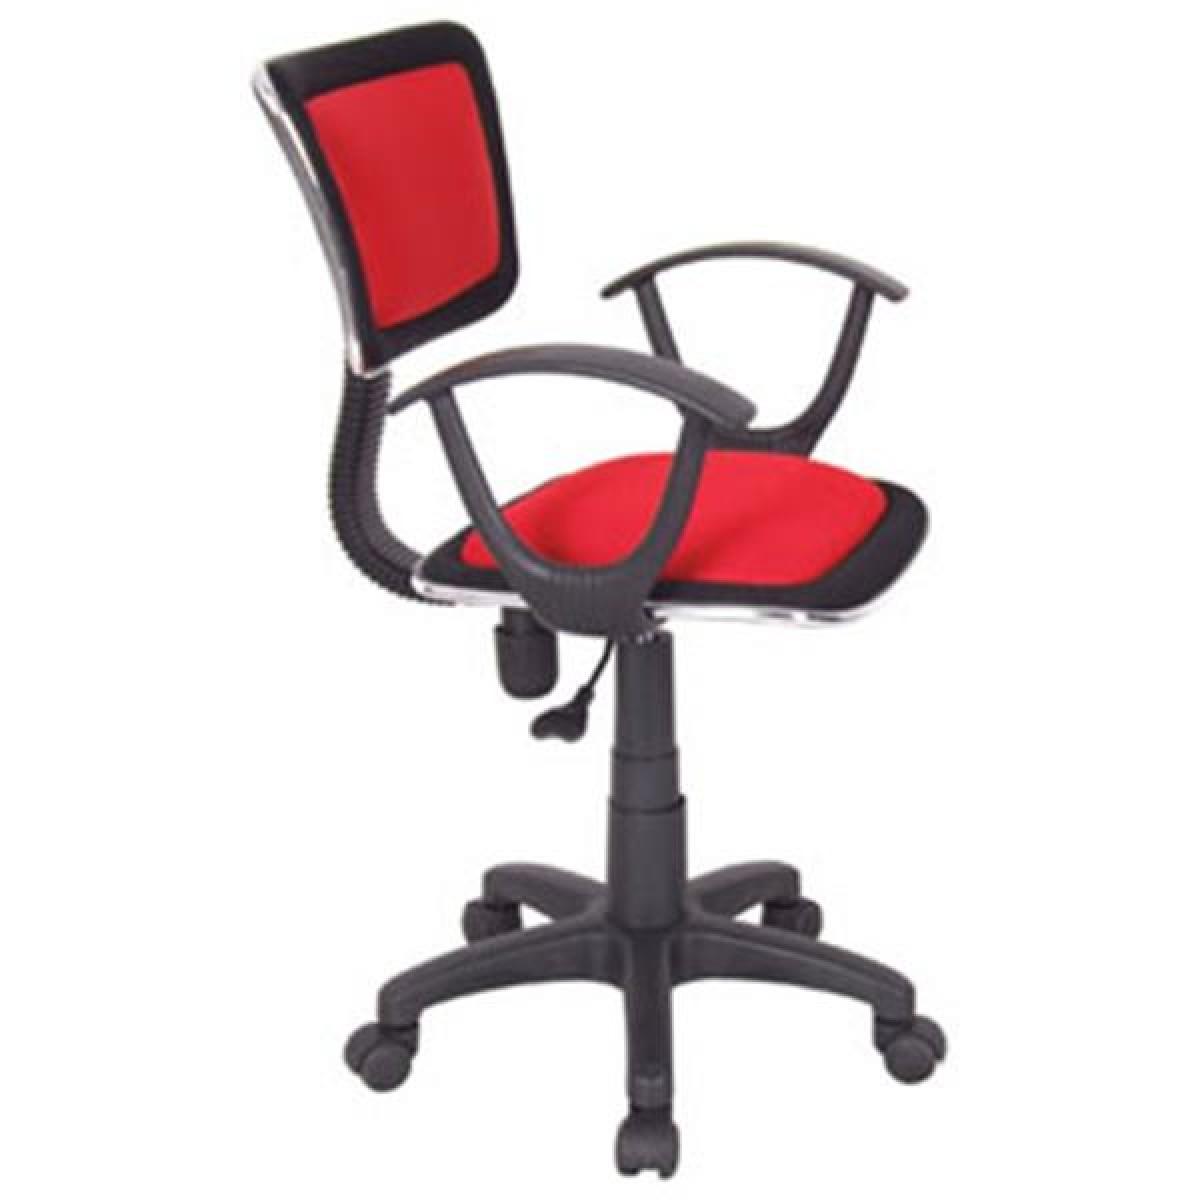 Cadeira de Escritório Vermelha Xtech Roma c/ Ajuste Altura e Apoio de Braço